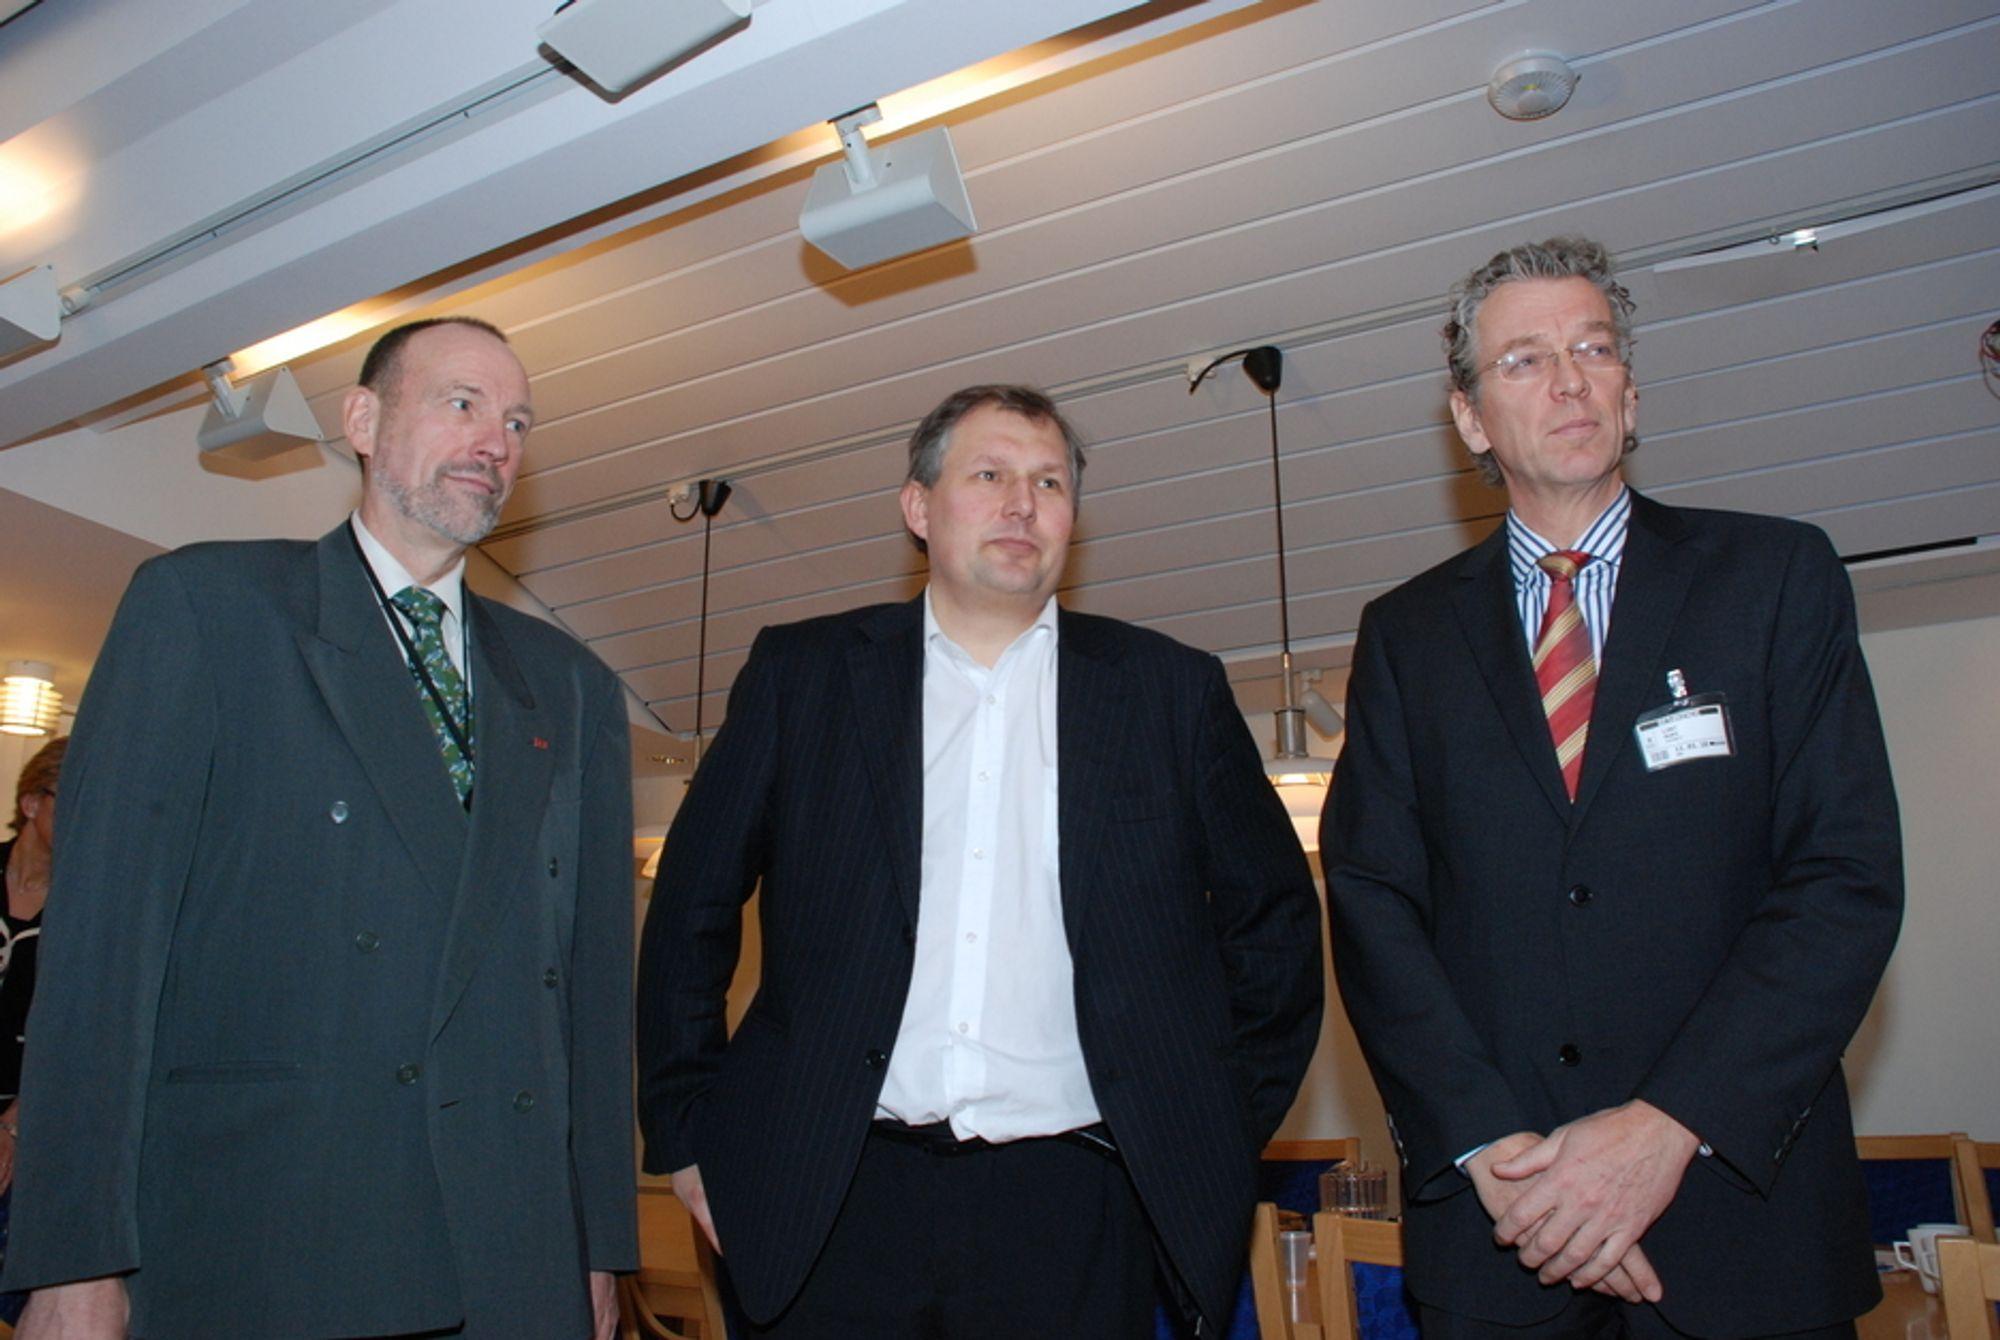 STRØMFØRERNE: Agnar Aas i NVE (t.v.) og Auke Lont i Statnett (t.h.) måtte i dag orientere energiminister Terje Riis-Johansen om de nye prisområdene og hva som skjer med strømprisene framover.